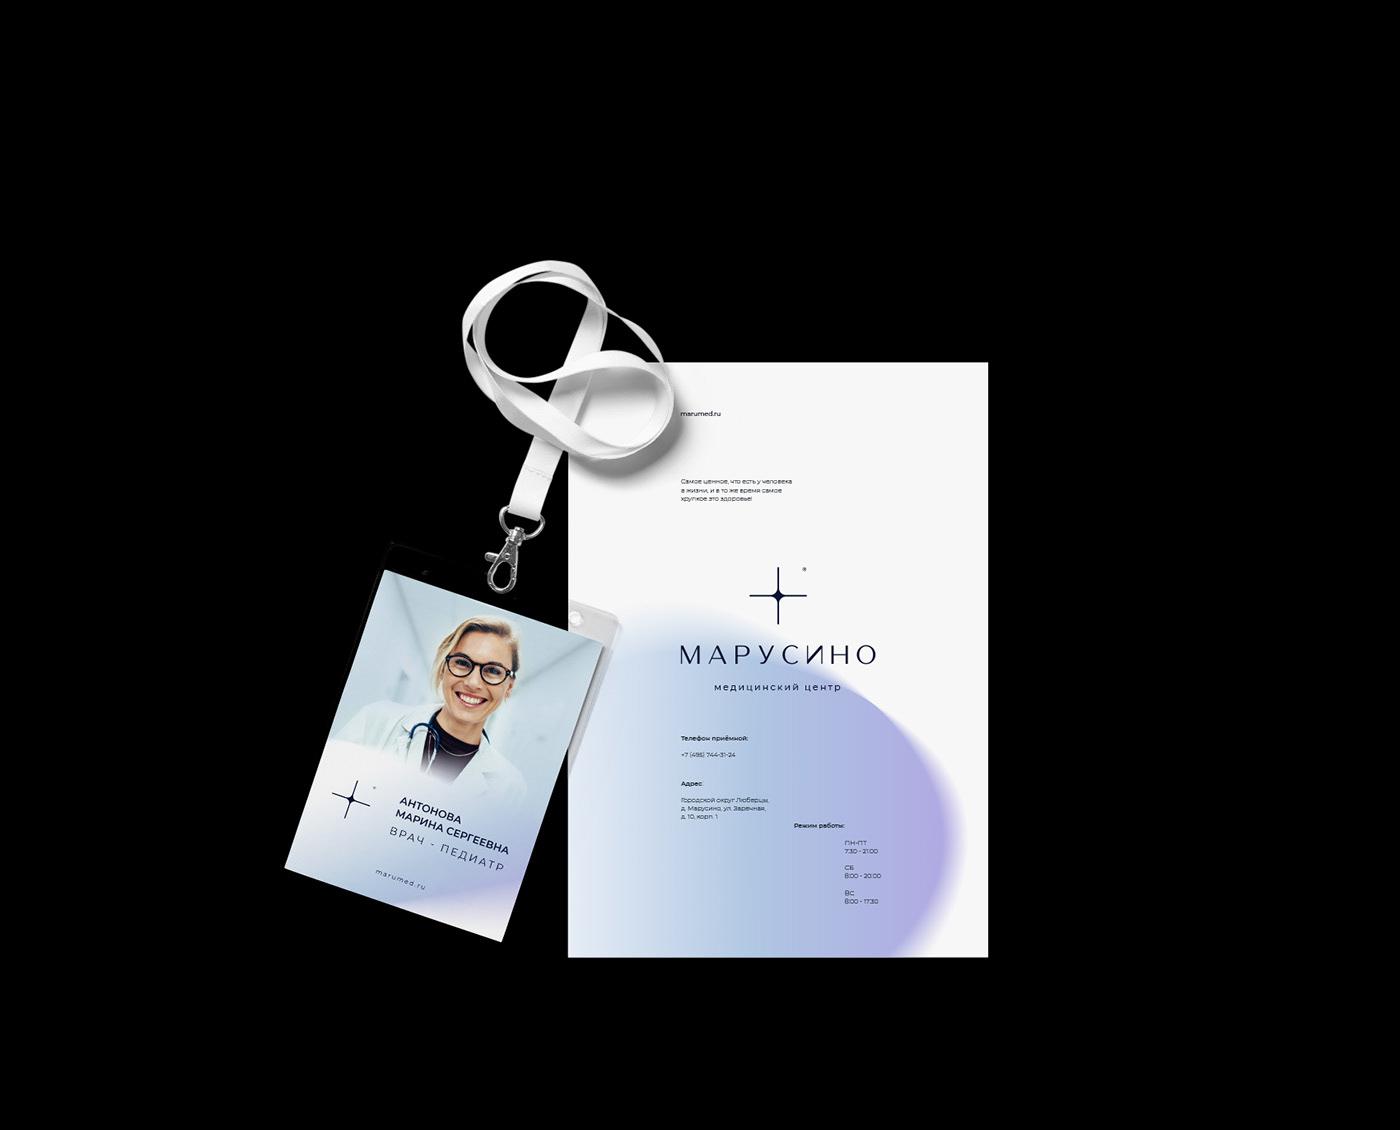 clinic doctor gradient identity Logotype medical врач клиника логотип медицина